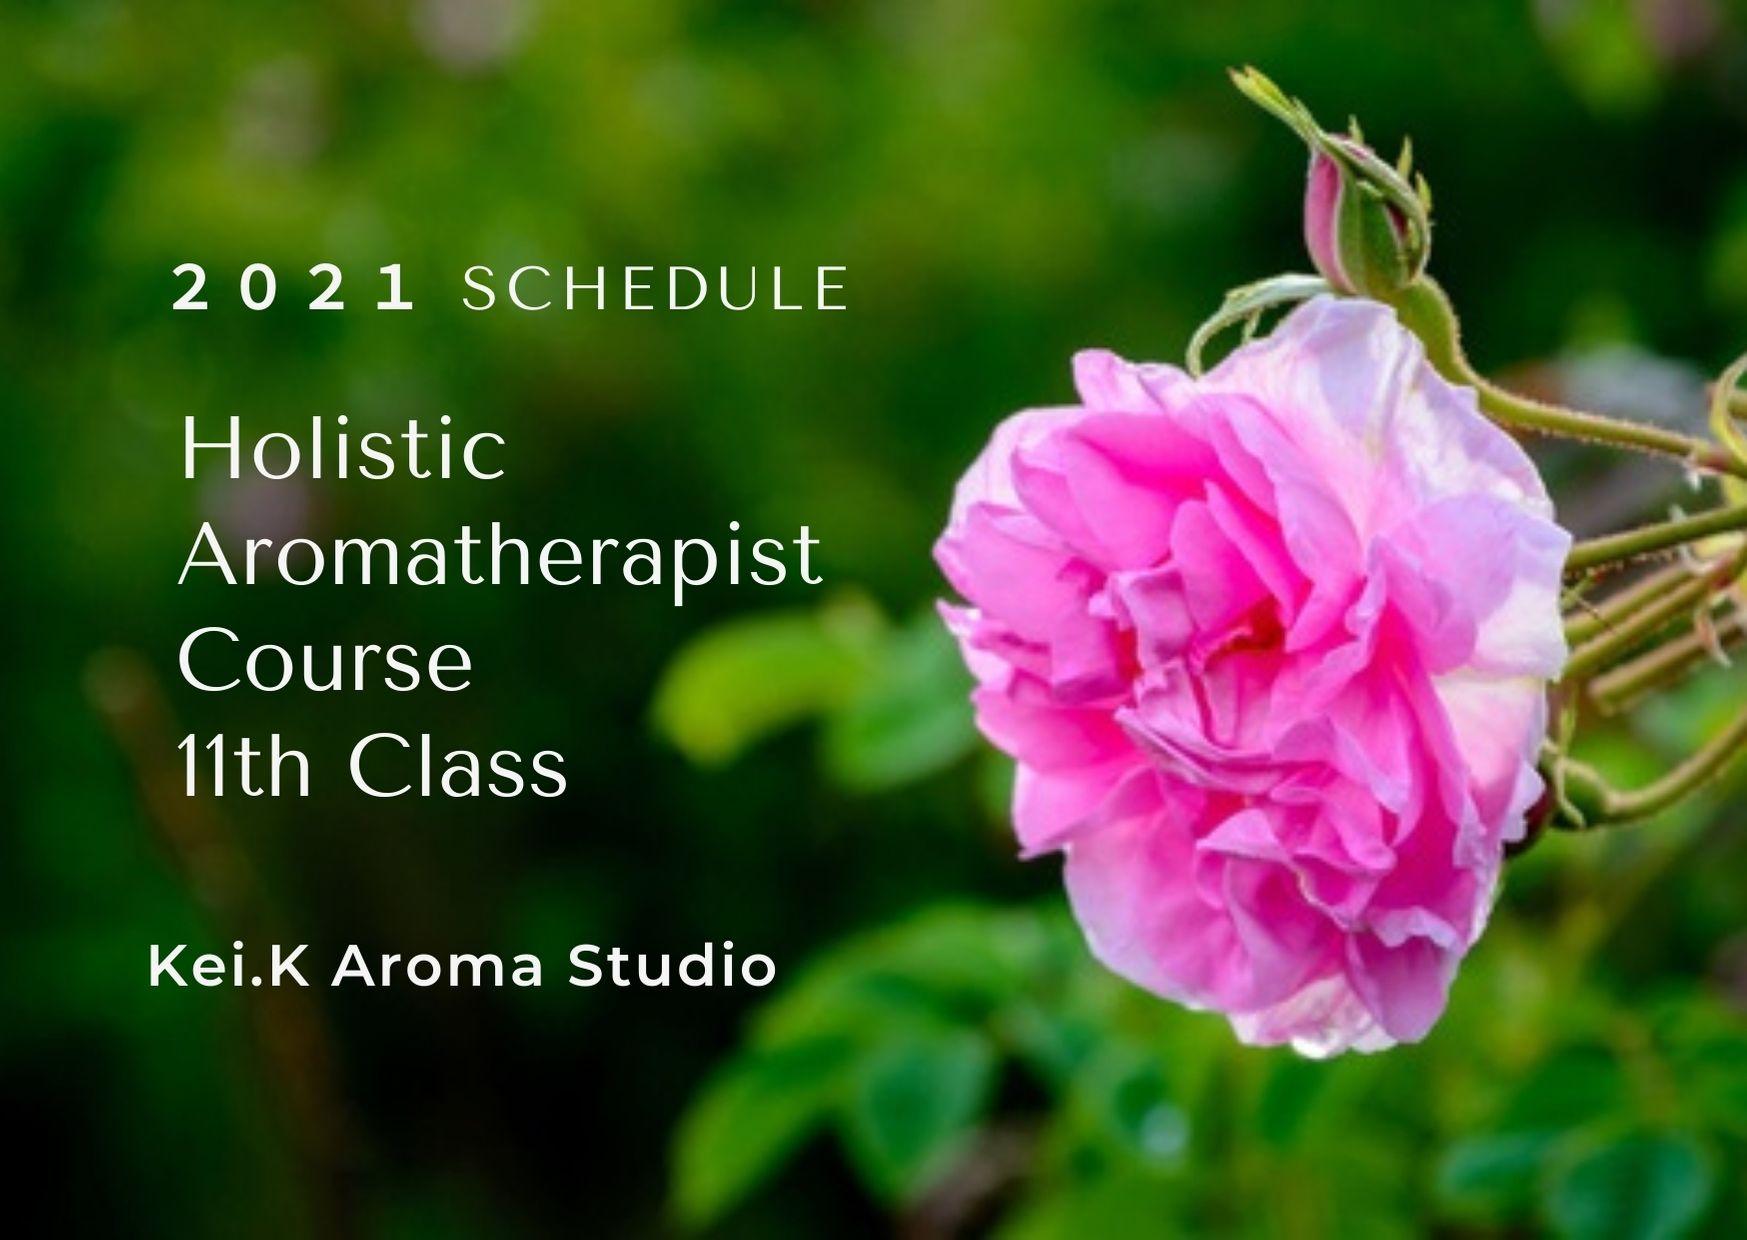 〖ホリスティックアロマセラピストコース〗 2021年度受講生募集します